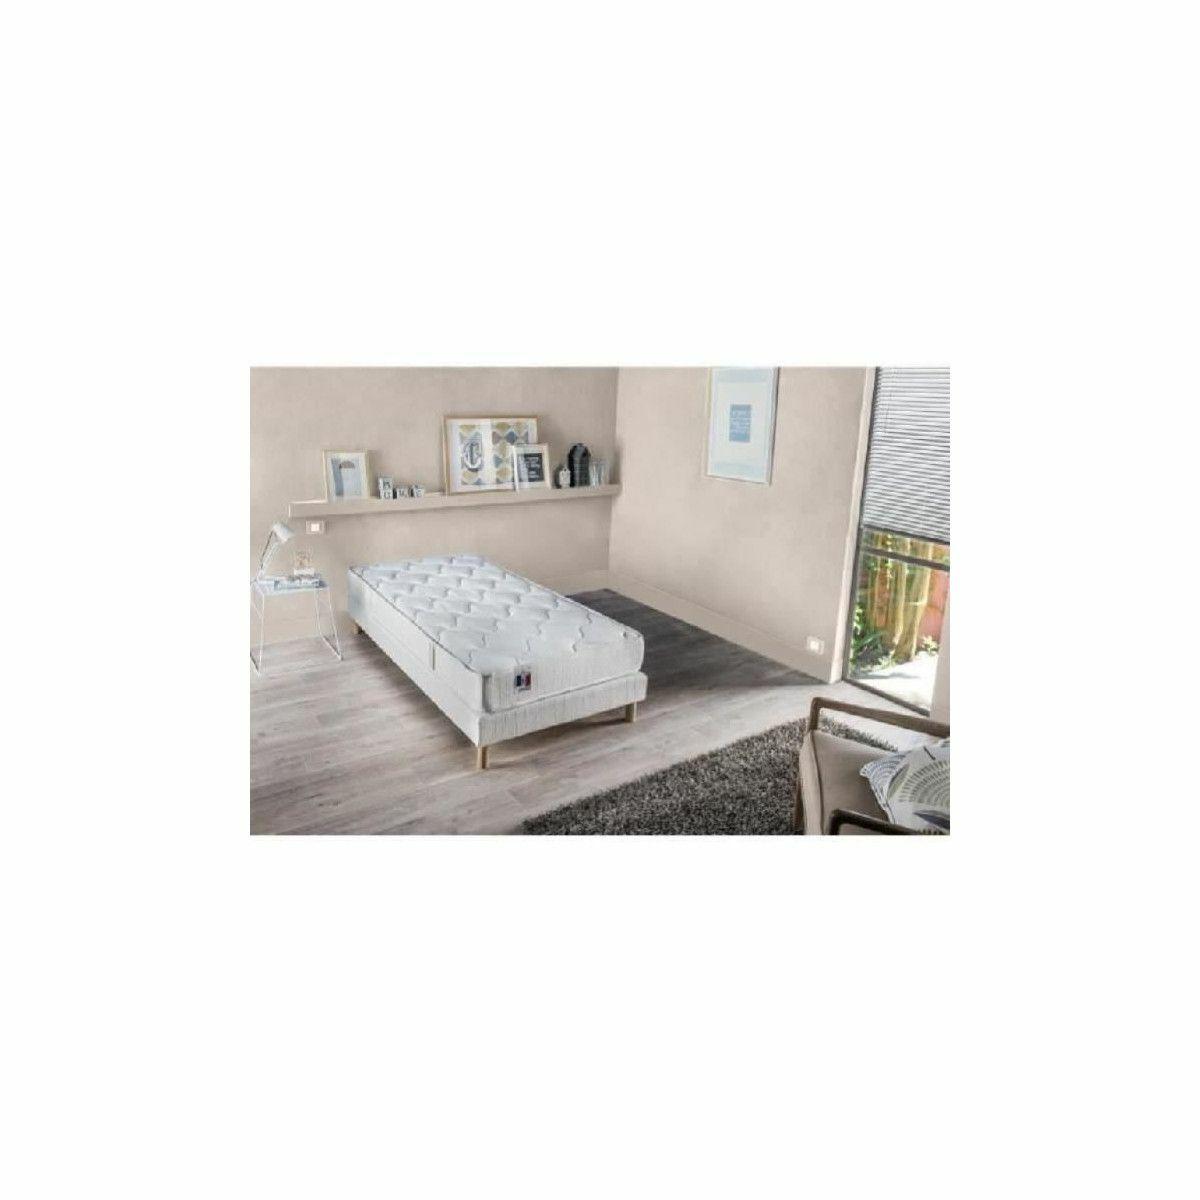 Confort Design Ensemble Matelas 100% Latex 3 Zones + Sommier Bois massif 90x190 INSOLITE